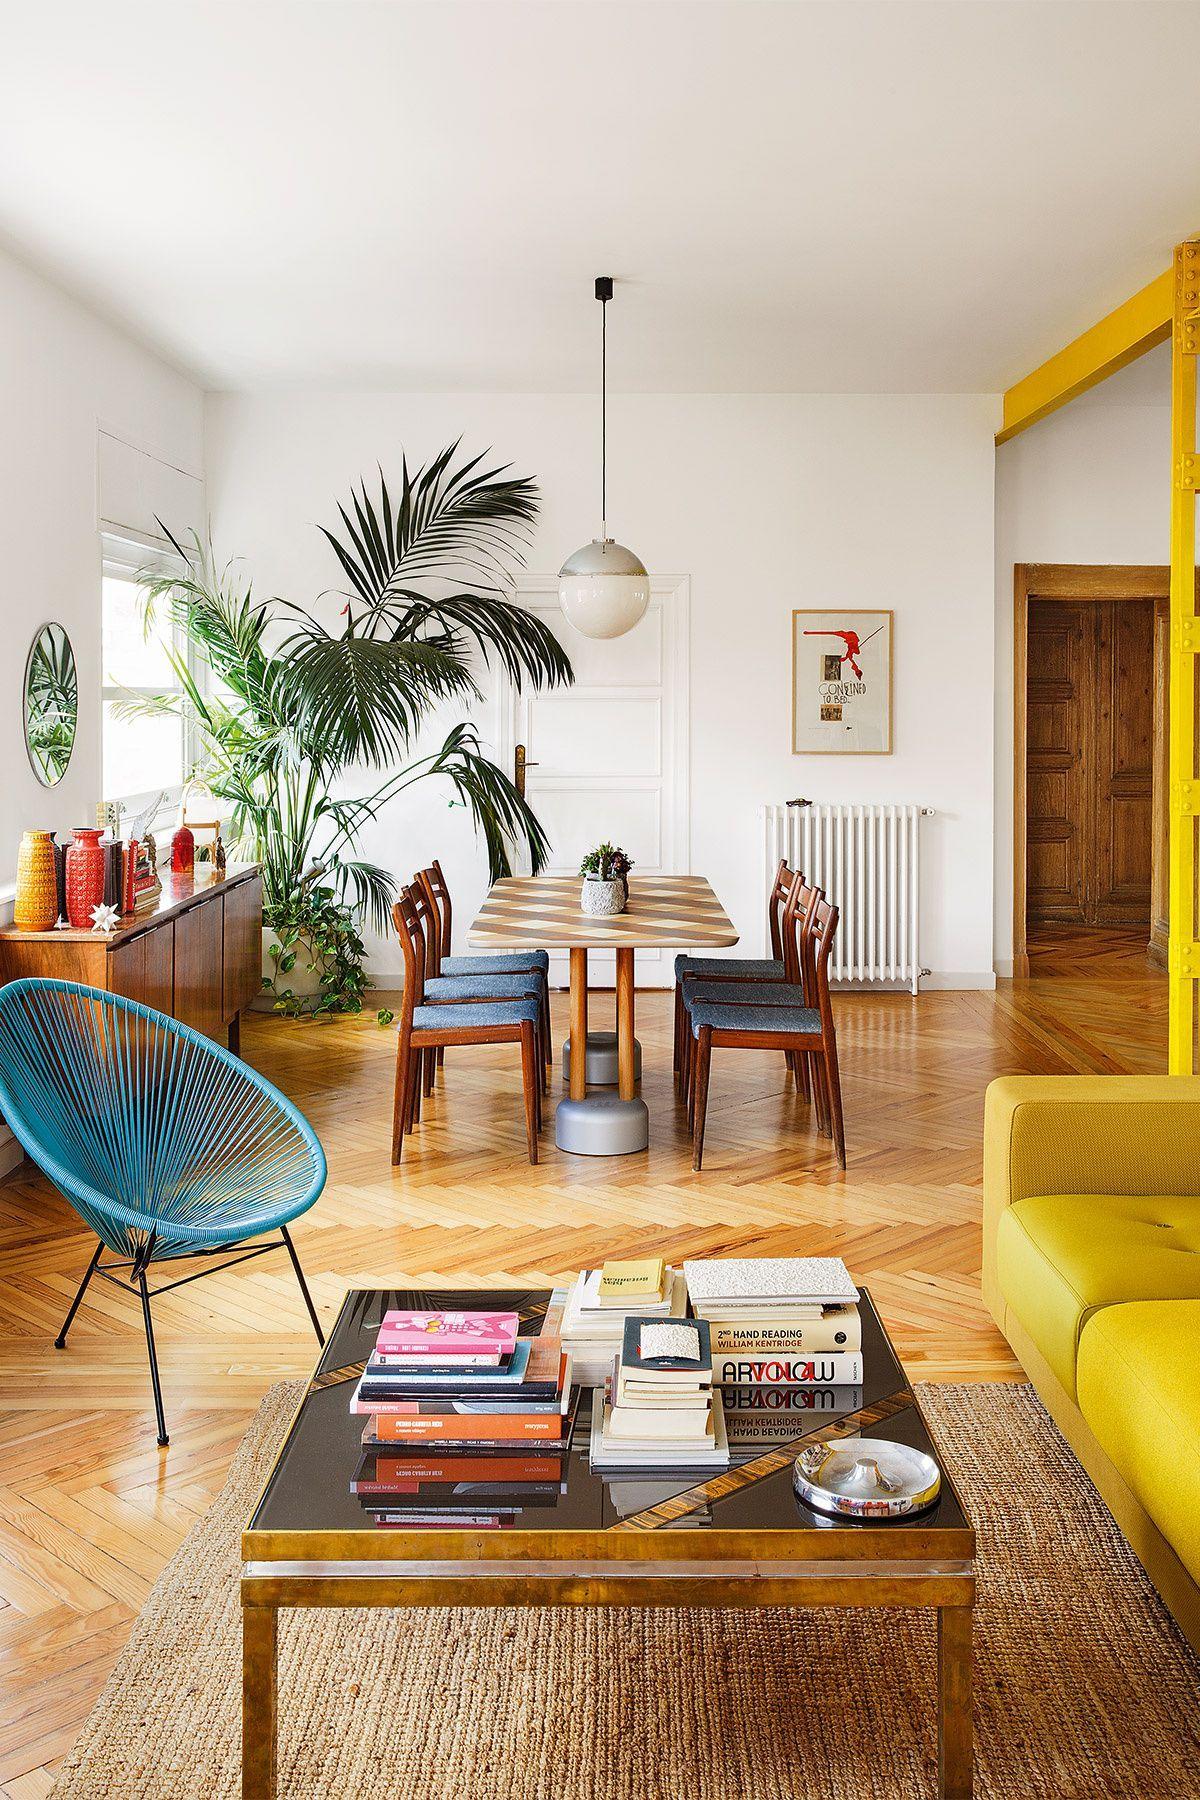 Muebles Eguiluz - El Piso Madrile O Del Arquitecto Patxi Eguiluz Gran Sal N [mjhdah]https://i.pinimg.com/originals/b1/75/65/b17565202588887e2214f886d2d043d5.jpg